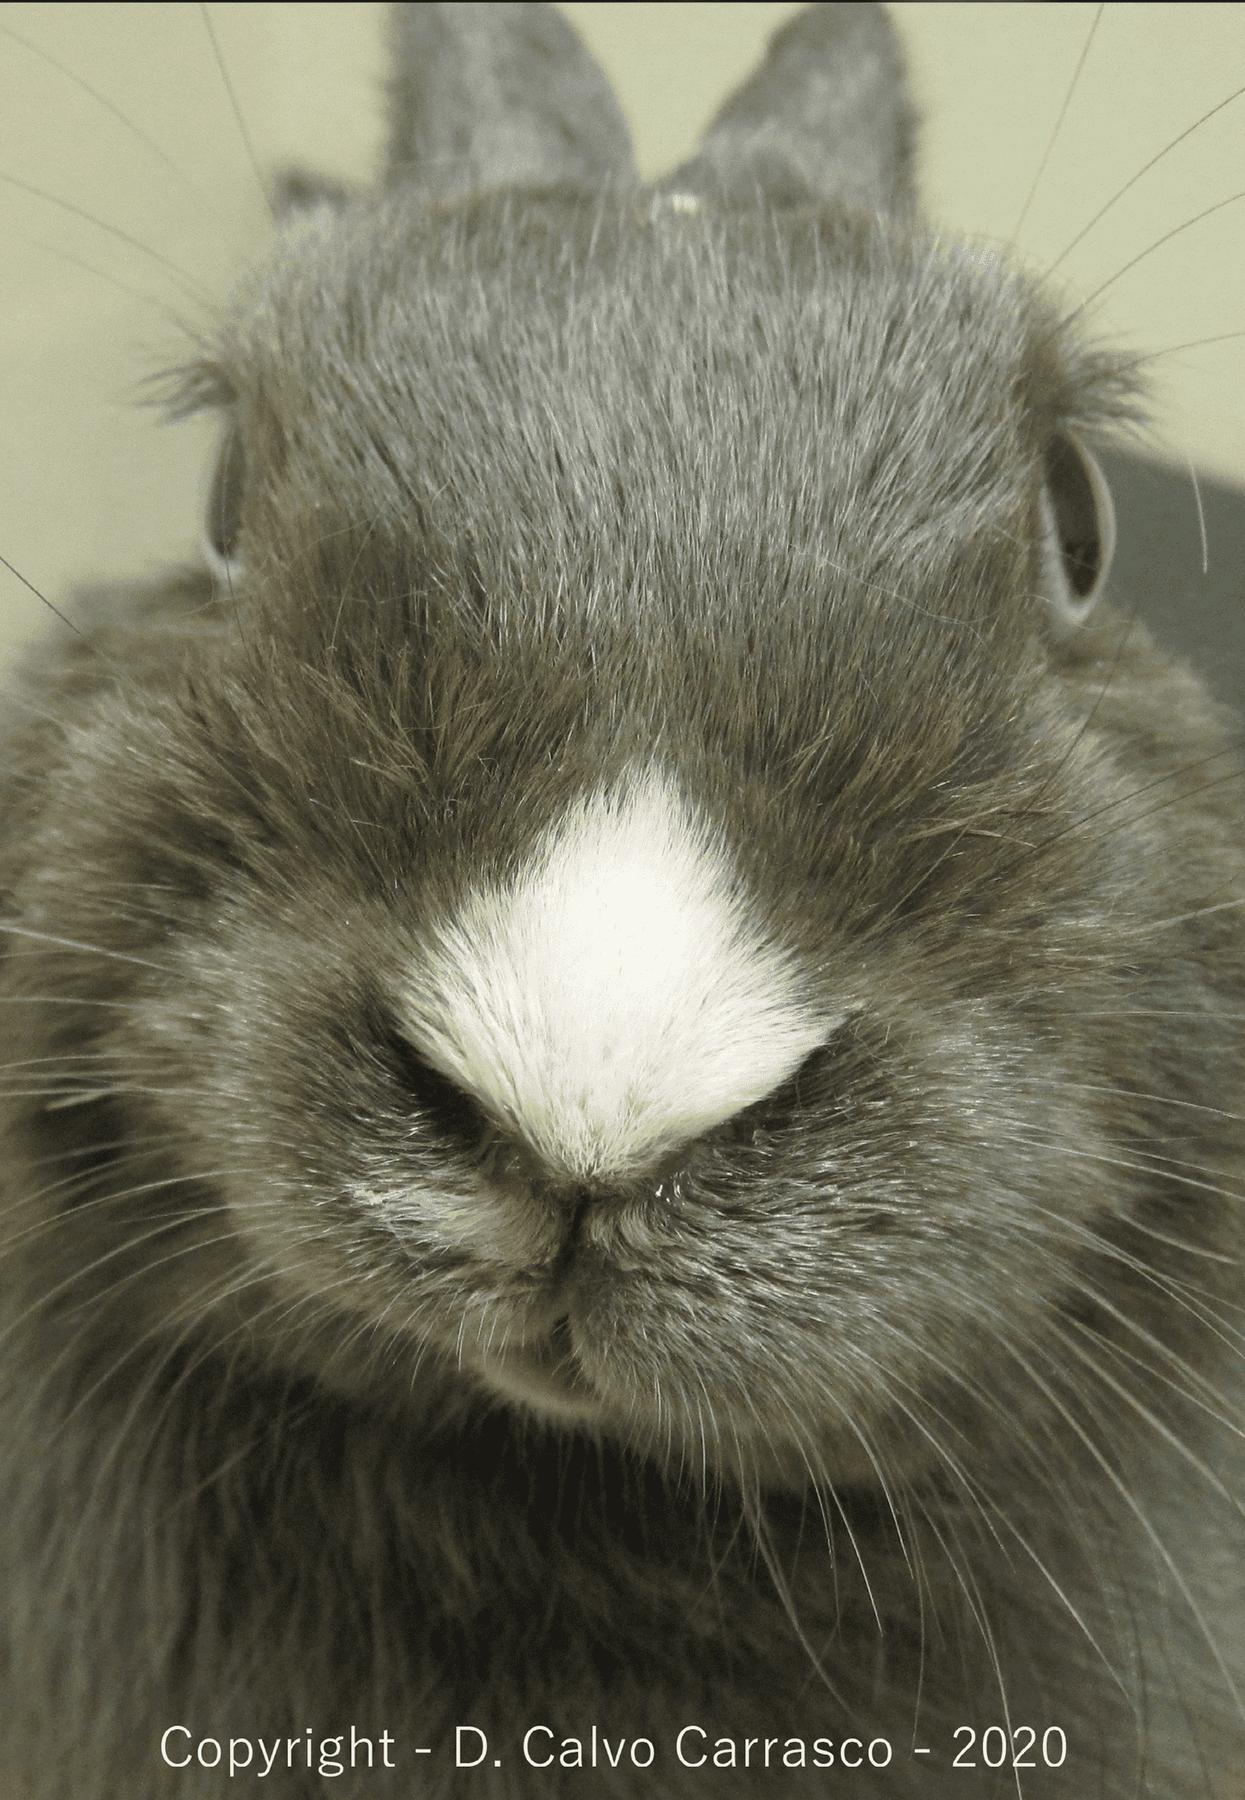 Rabbit otitis externa case study